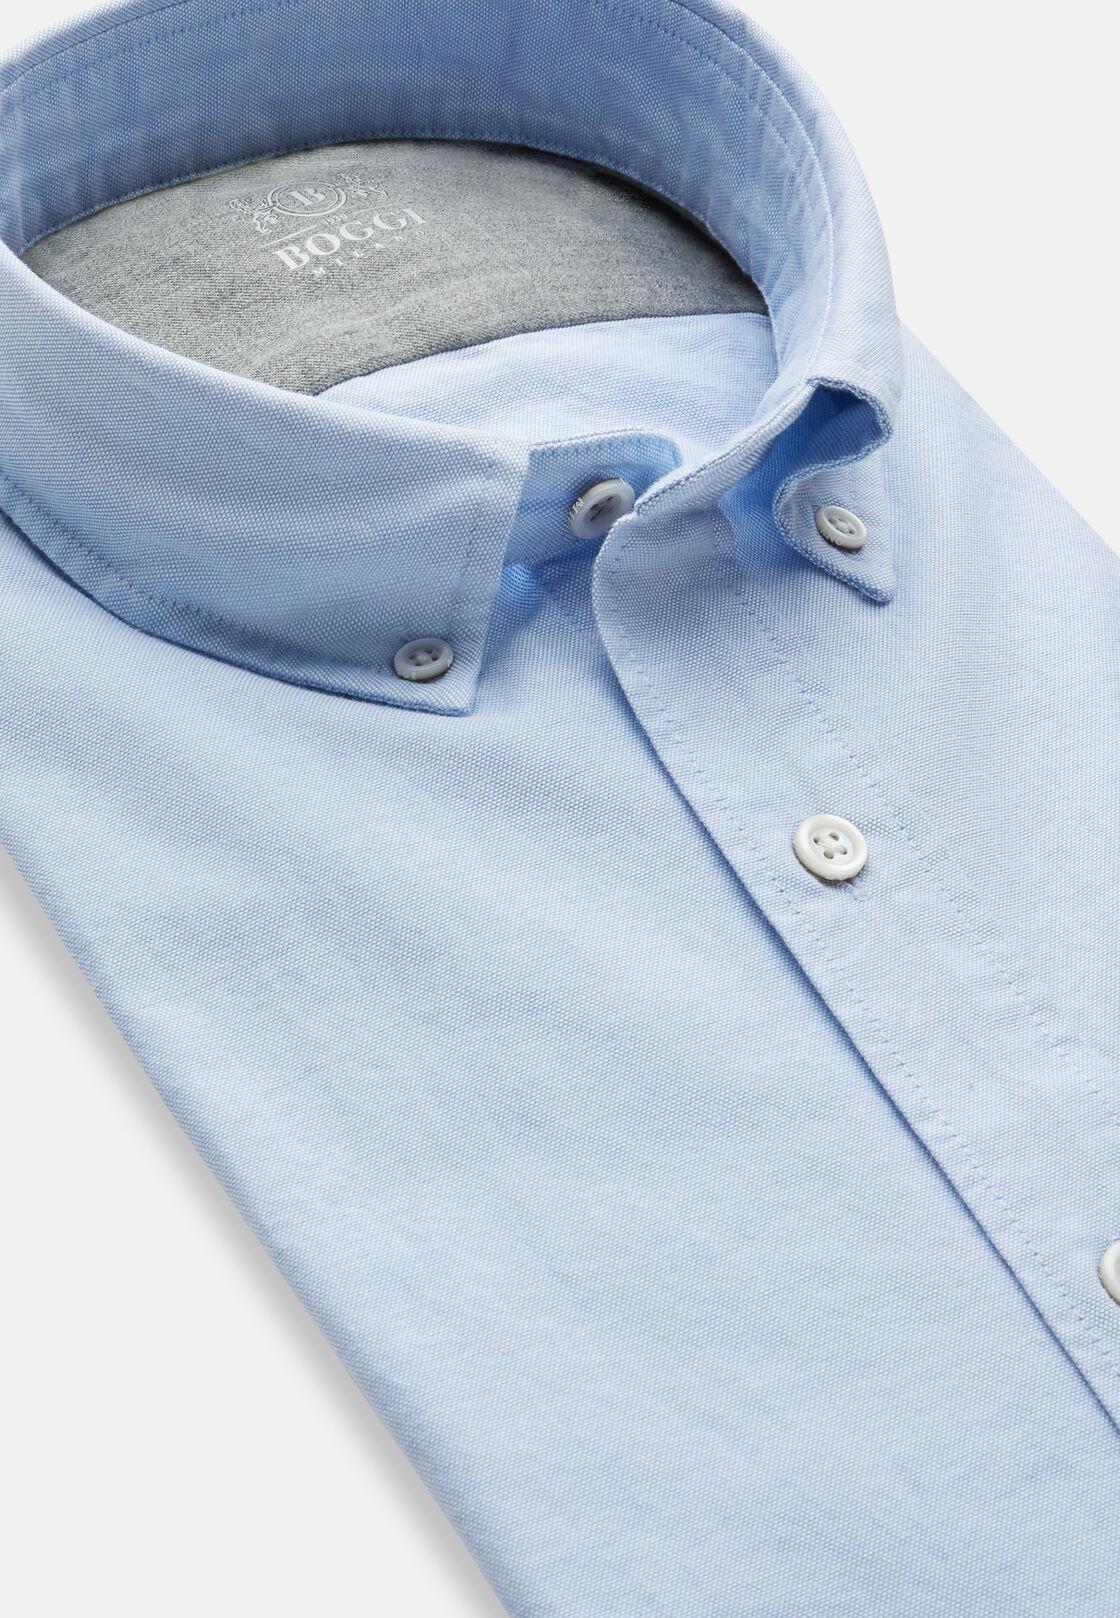 Azurblaues botton -down-kragen hemd aus elastischer oxford-baumwolle regular fit, Hellblau, hi-res